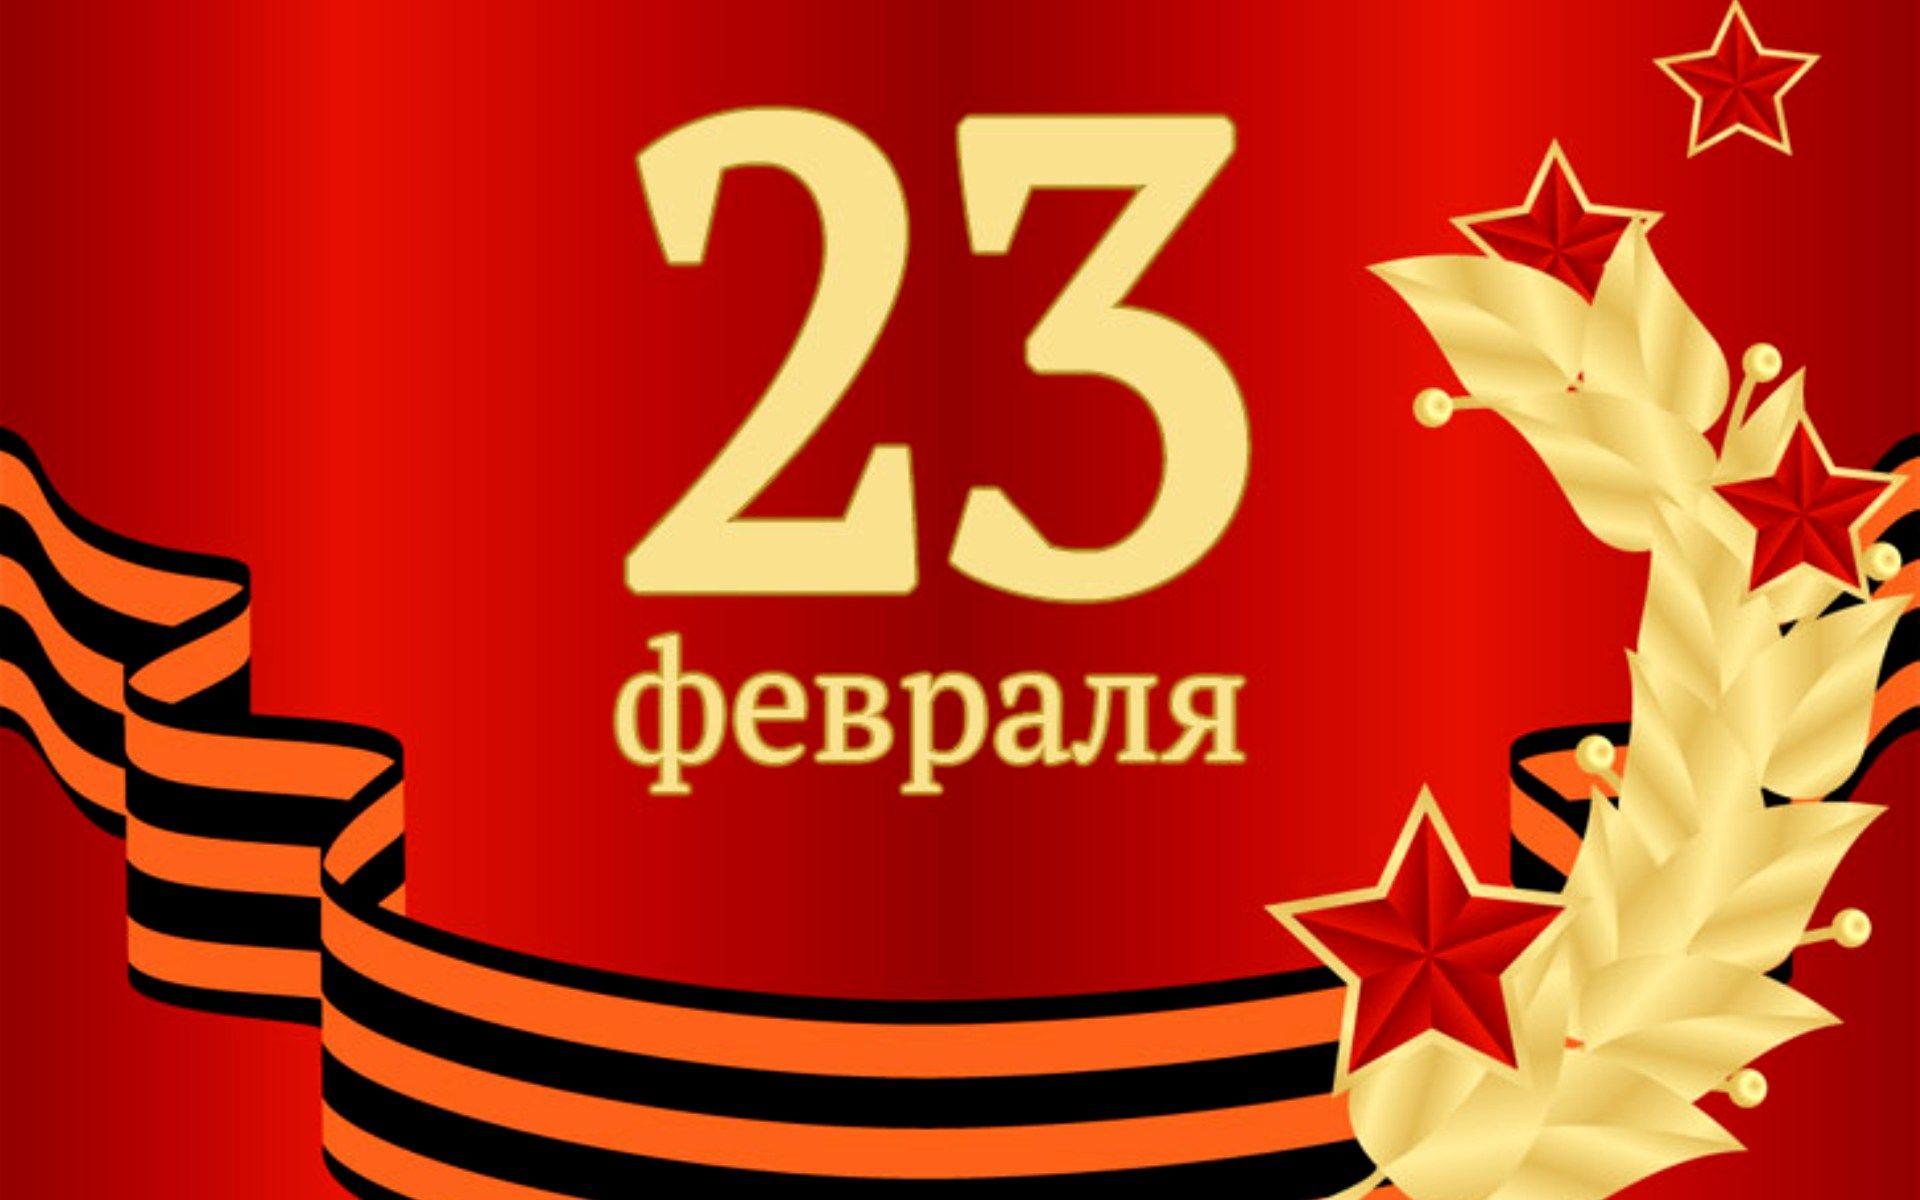 Календарь праздников выходных России на 2019 год